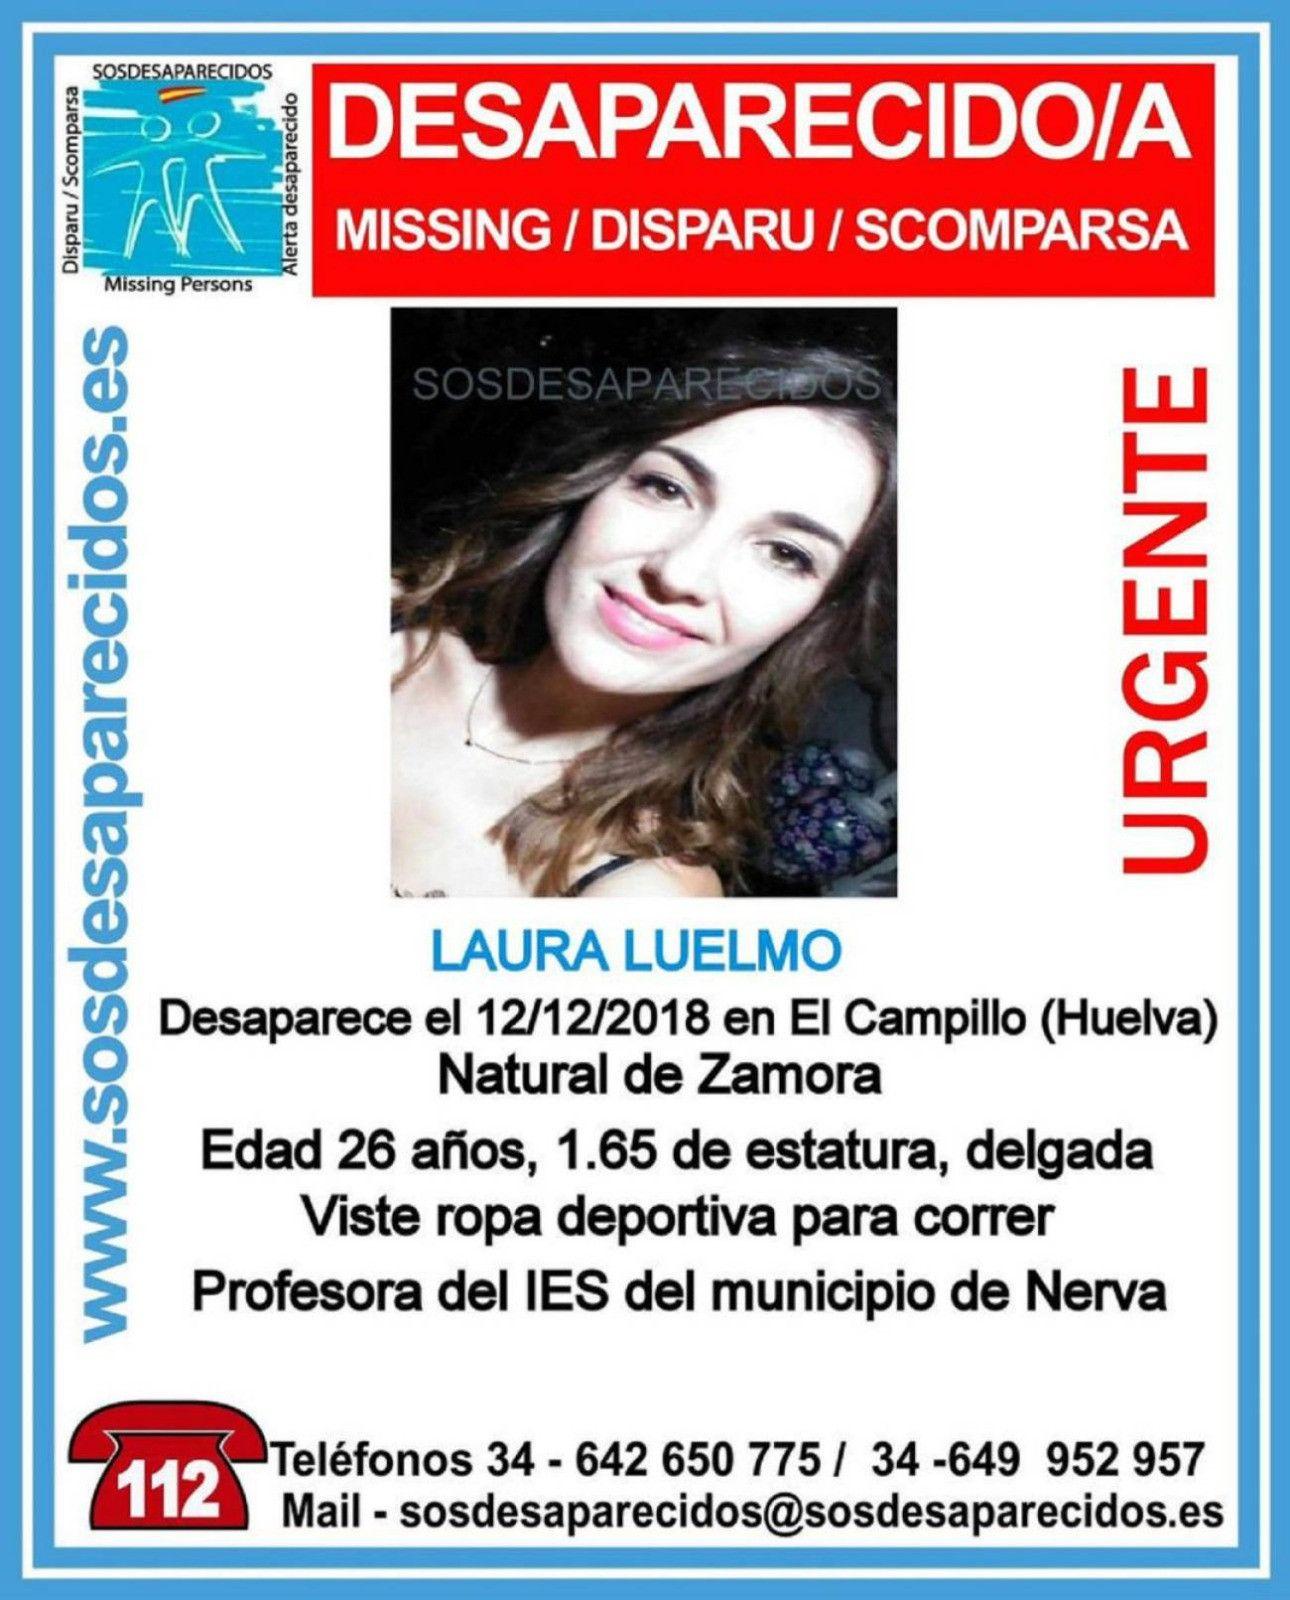 Laura Luelmo (1)